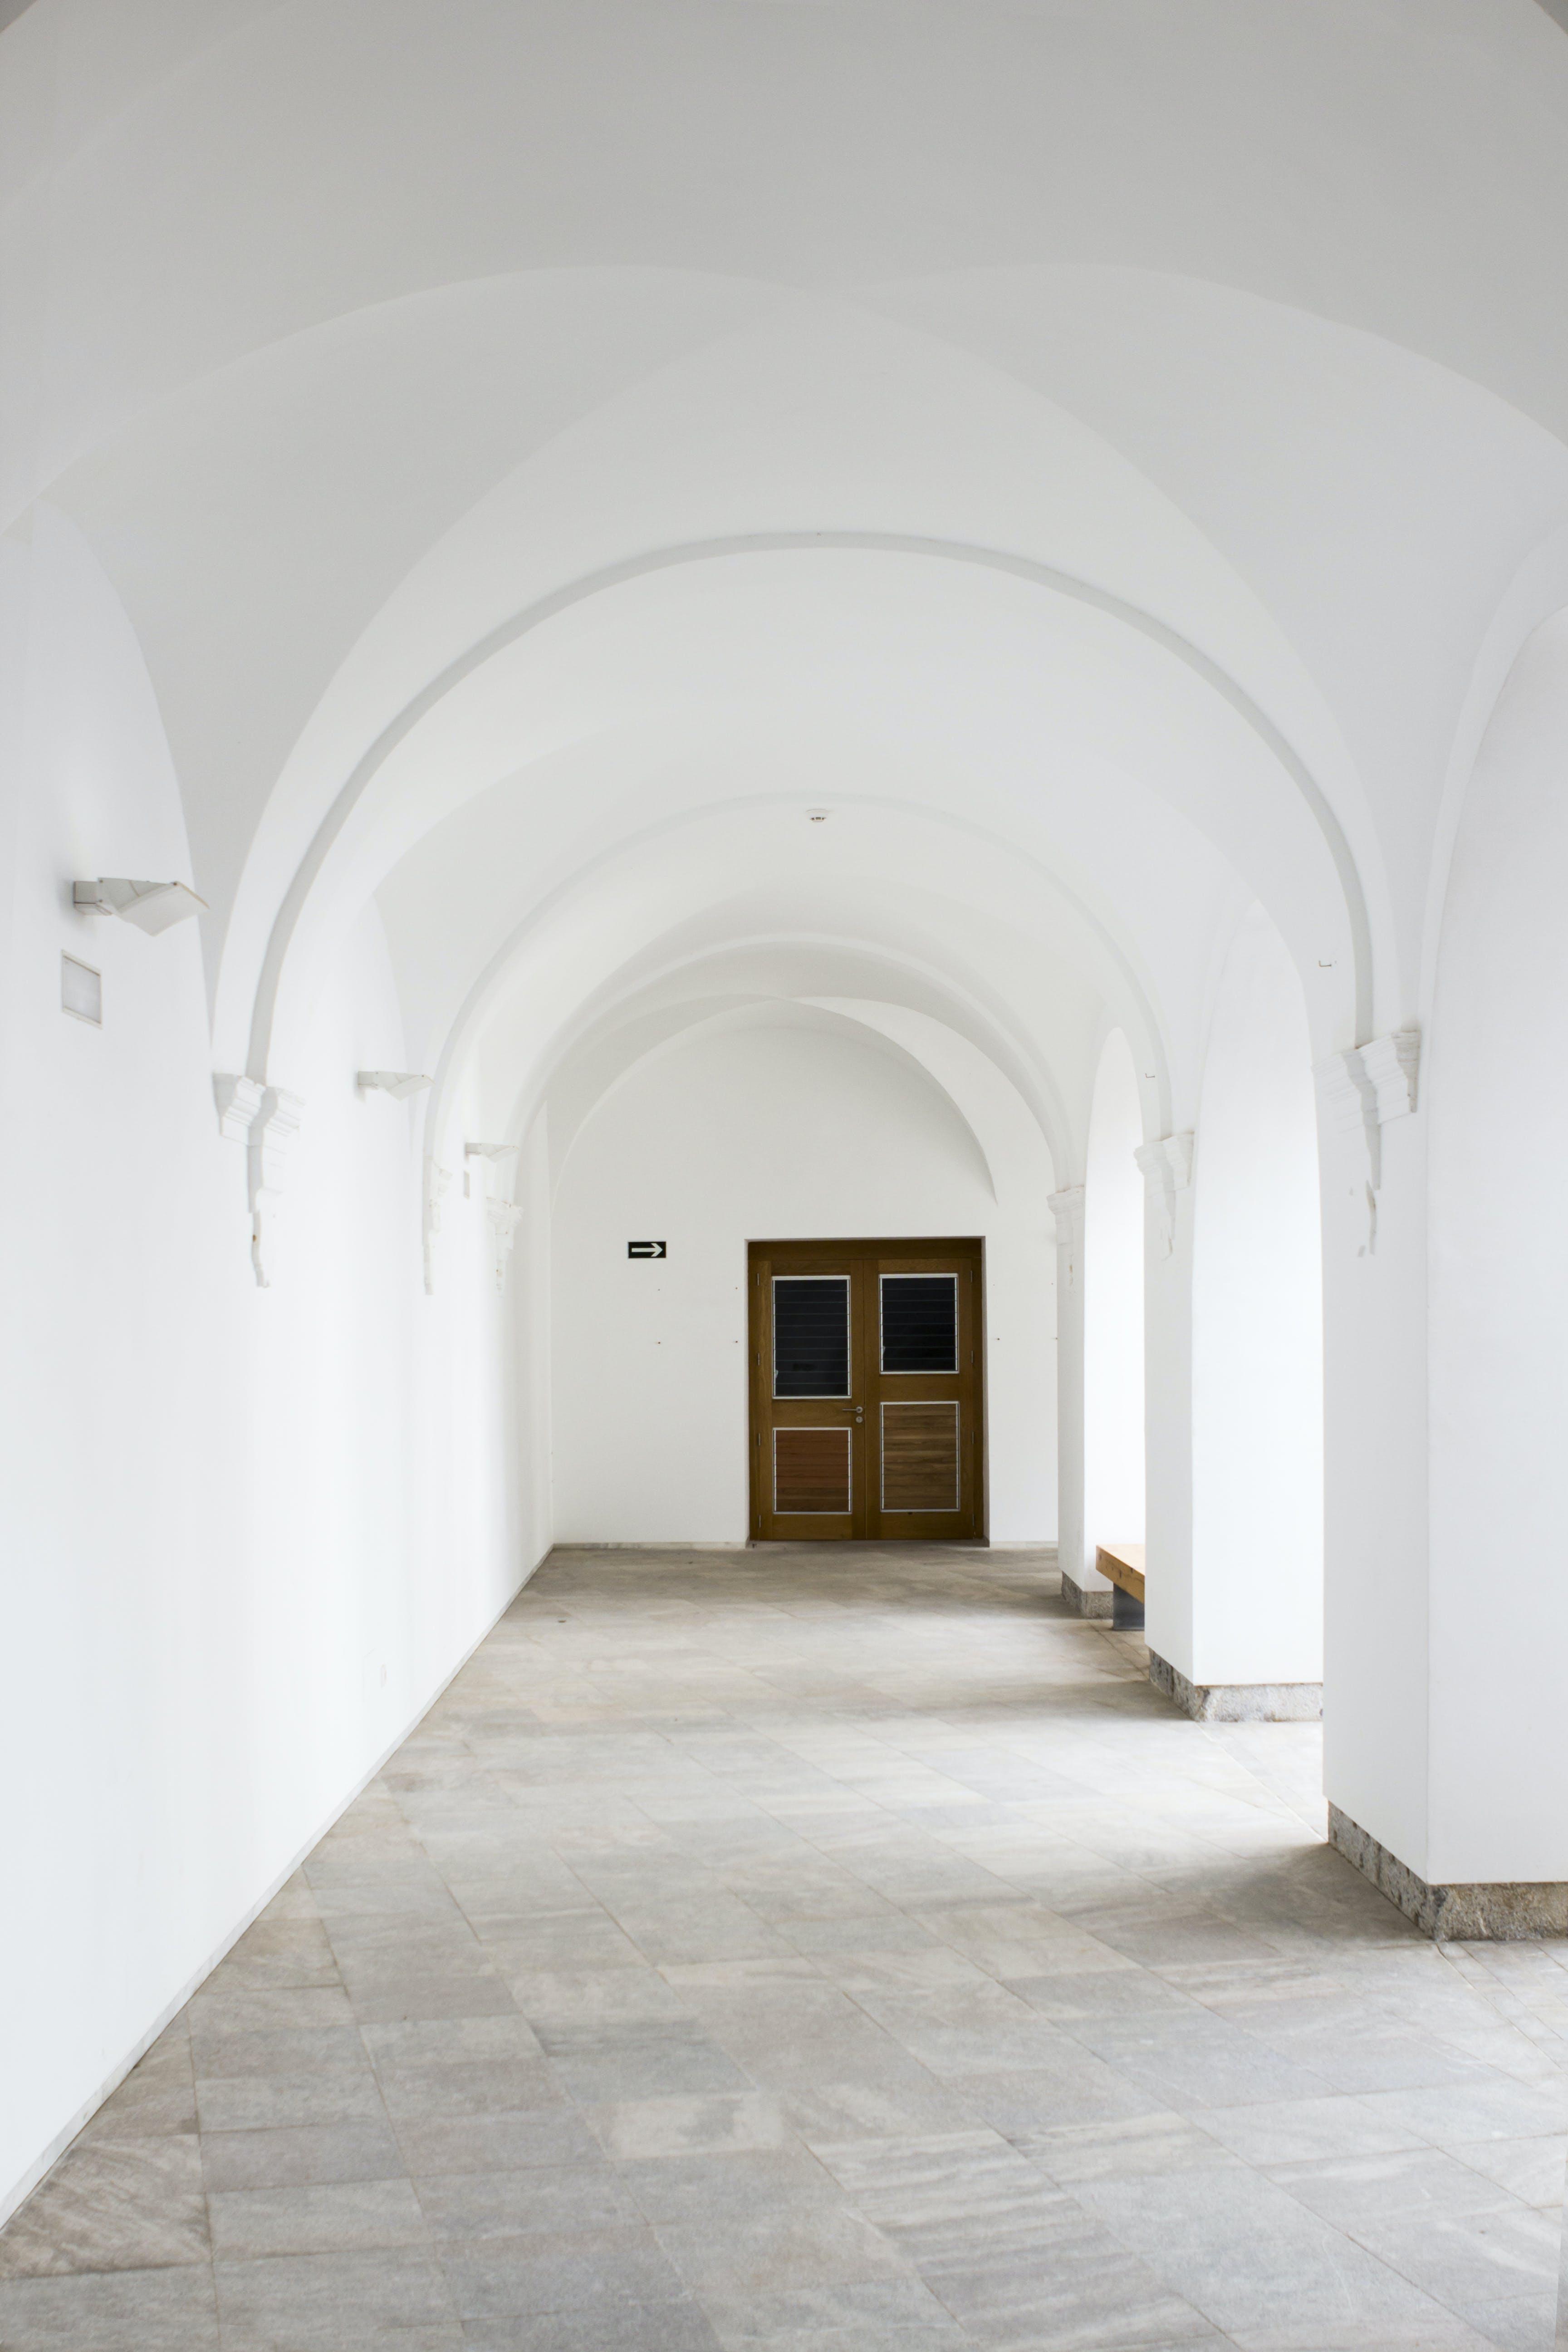 Бесплатное стоковое фото с арки, архитектура, в помещении, вход